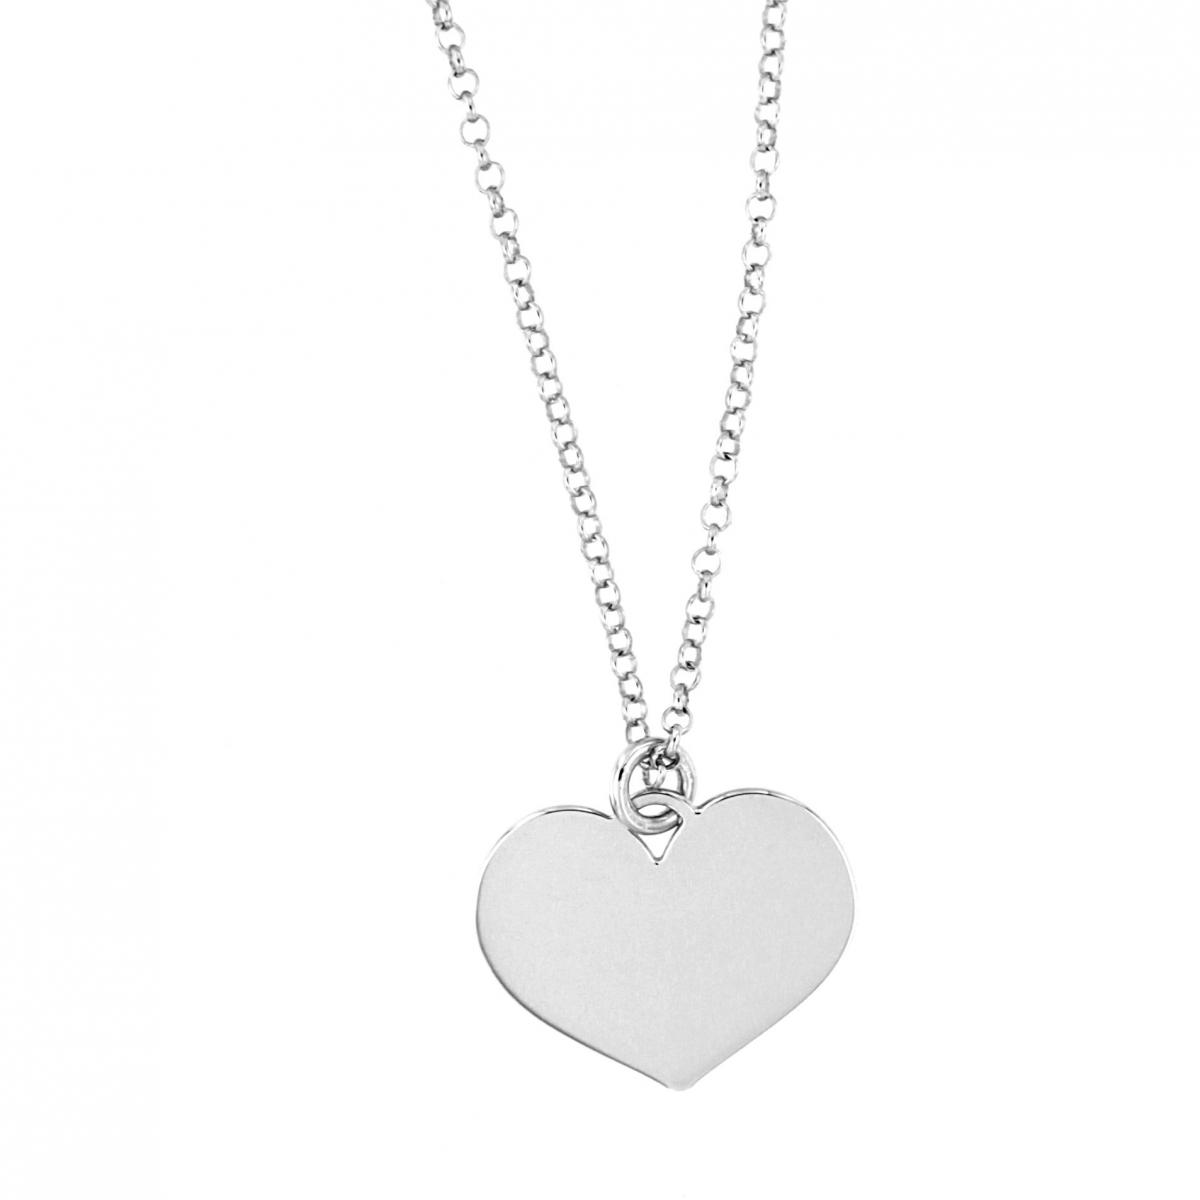 nuovi prezzi più bassi retrò designer nuovo e usato Collana con cuore | Argento 925 | Made in Italy - Moun ...